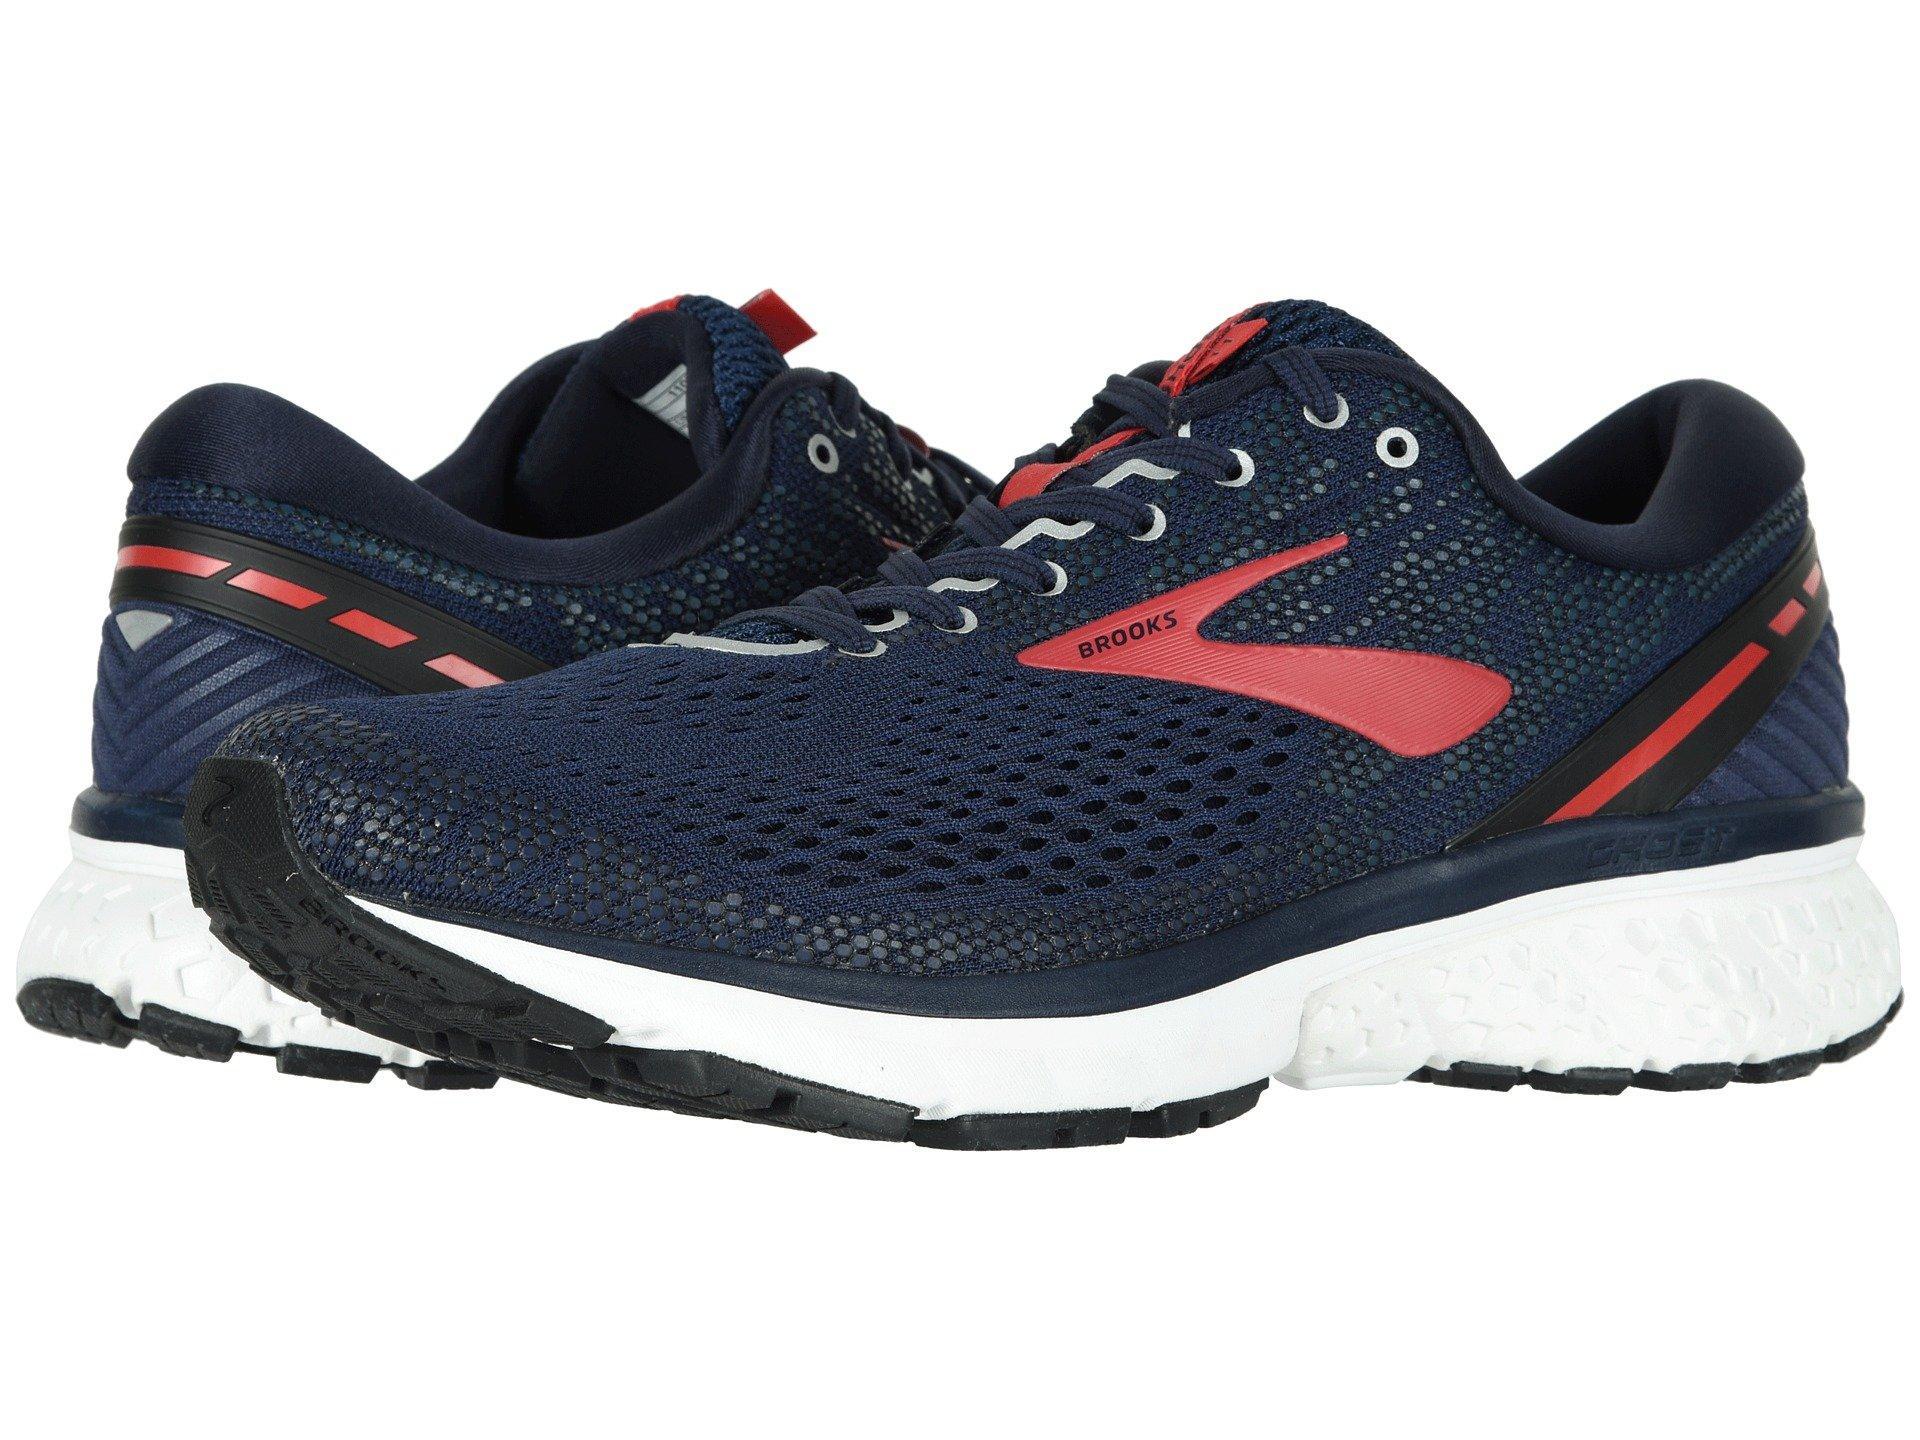 e7e791a6383 Brooks - Blue Ghost 11 (nightlife black white) Men s Running Shoes for.  View fullscreen